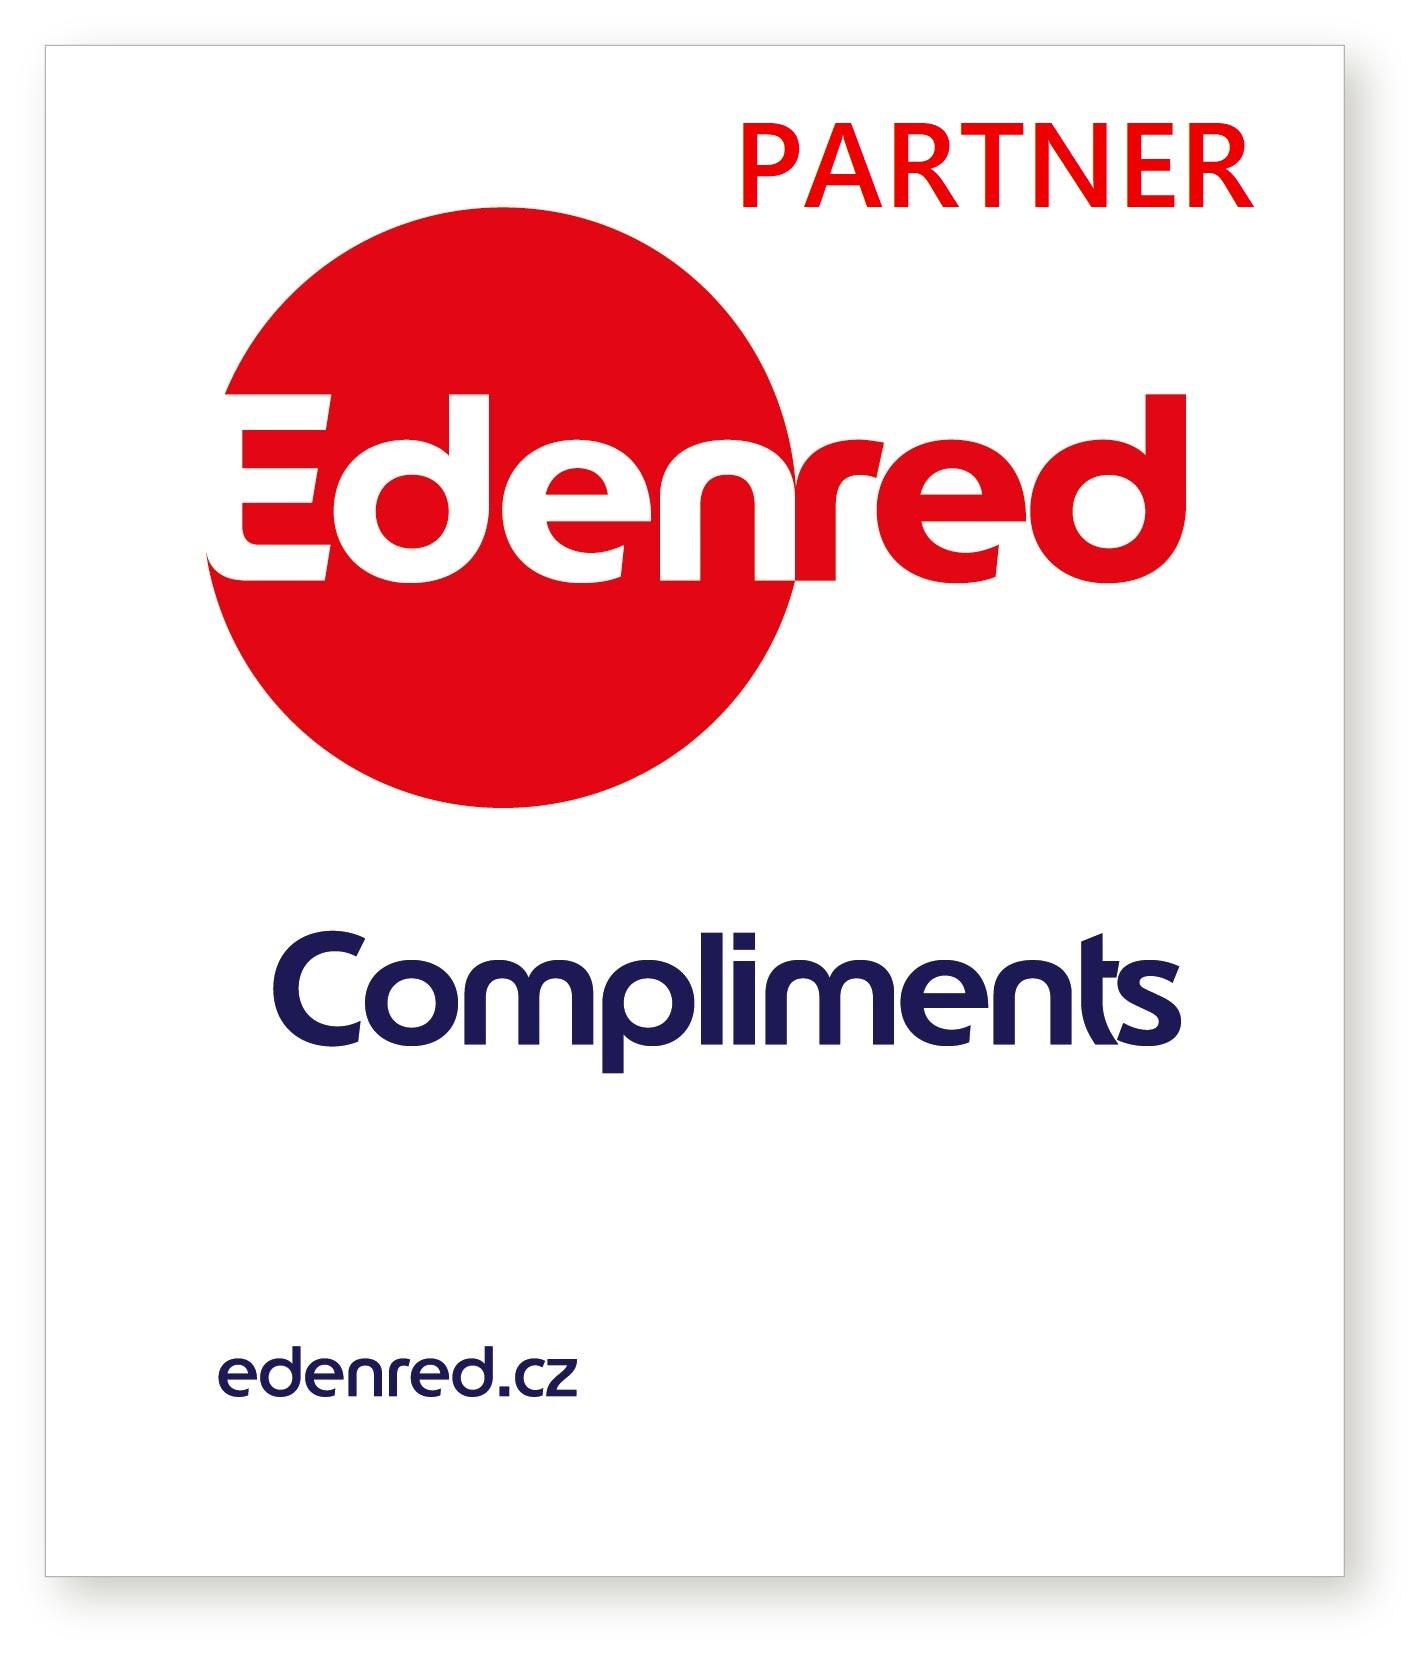 PARTNER EDENRED